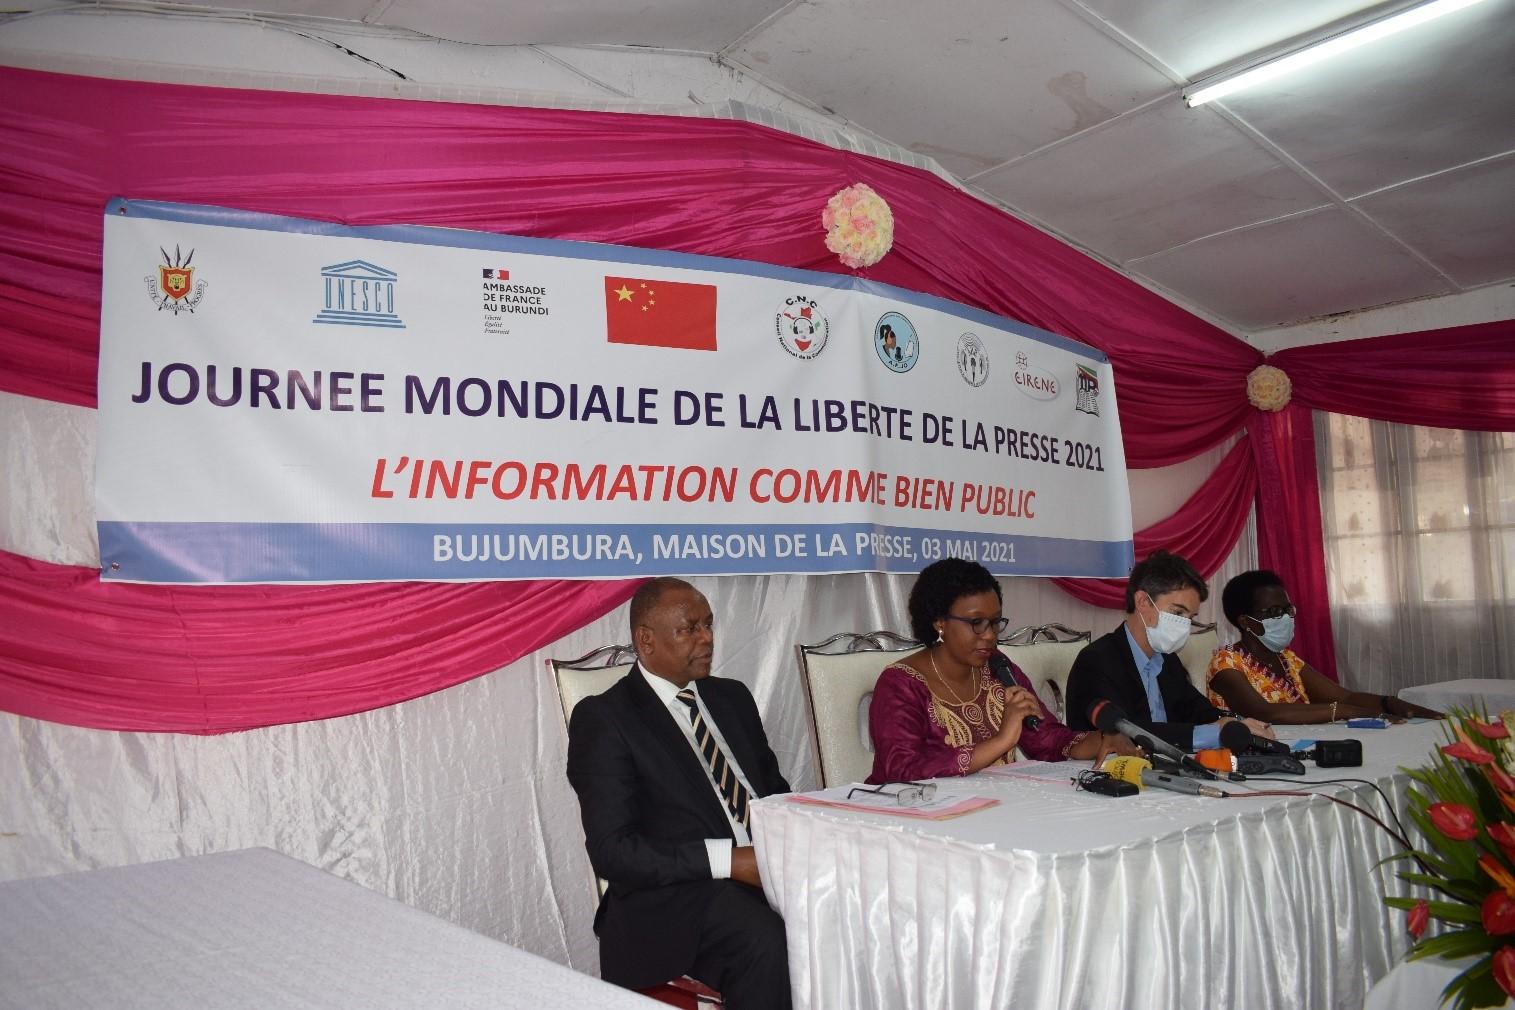 La Journée Mondiale de la Liberté de la Presse a été célébrée au Burundi